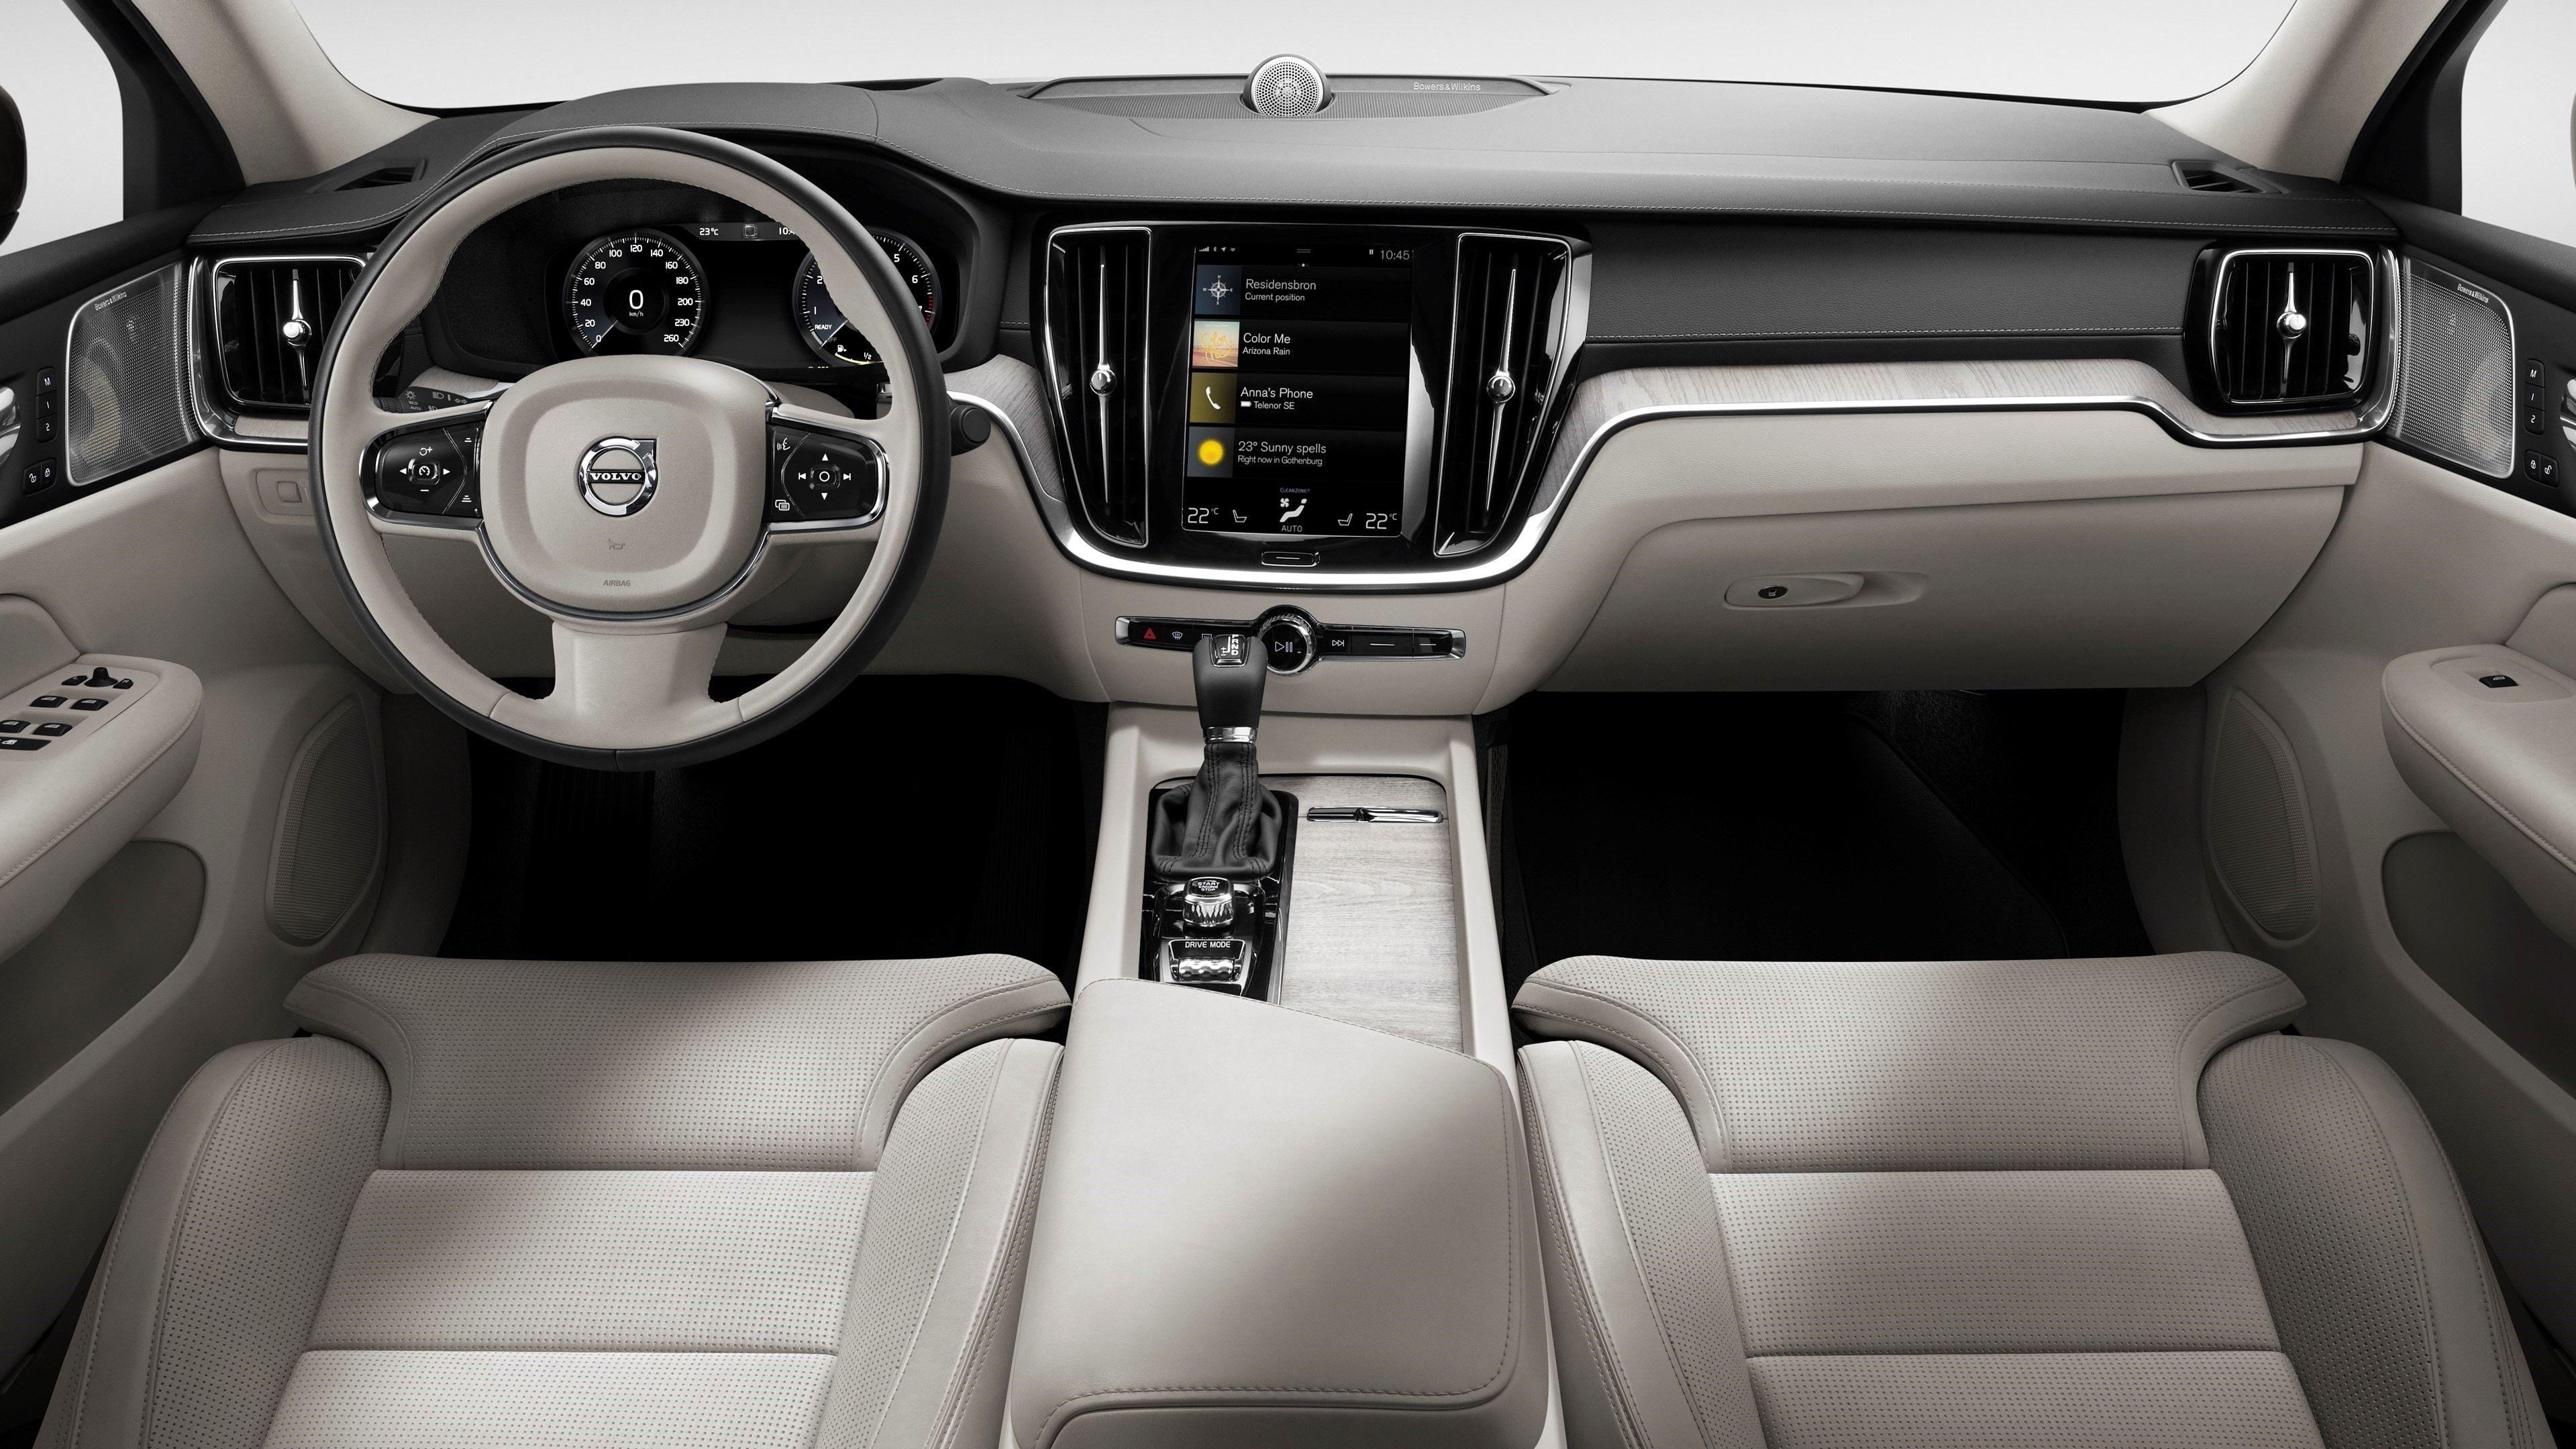 The Best 2019 Volvo S60 T5 Momentum Interior And Description Di 2020